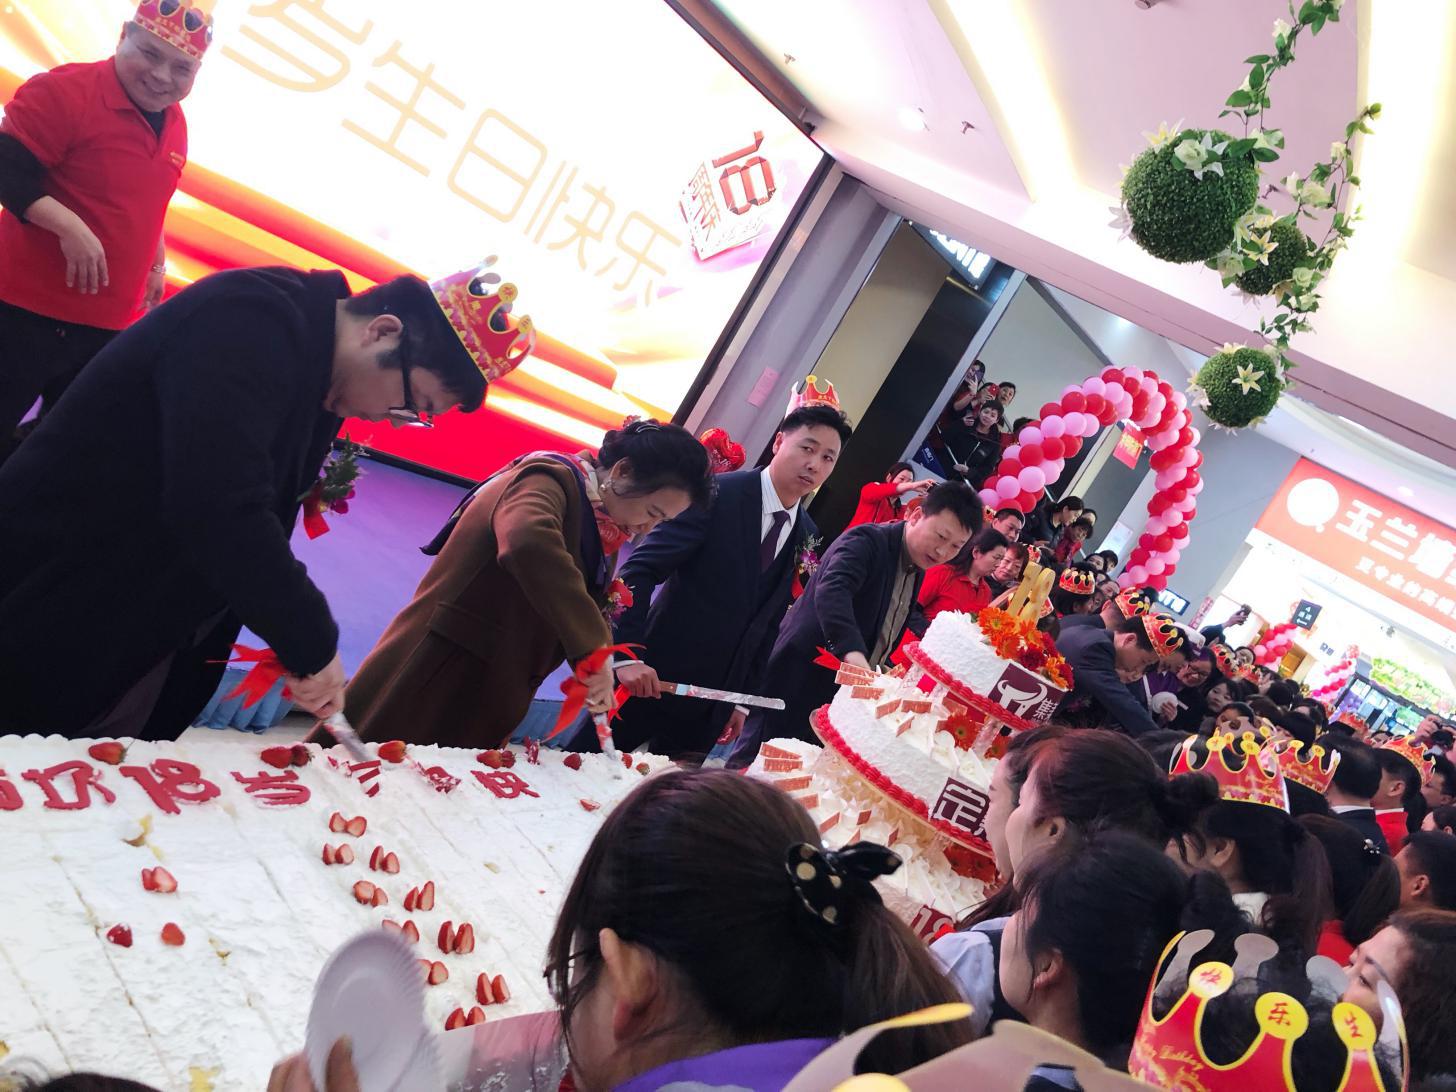 集美集团北京定慧桥商场18周年庆典盛大举办